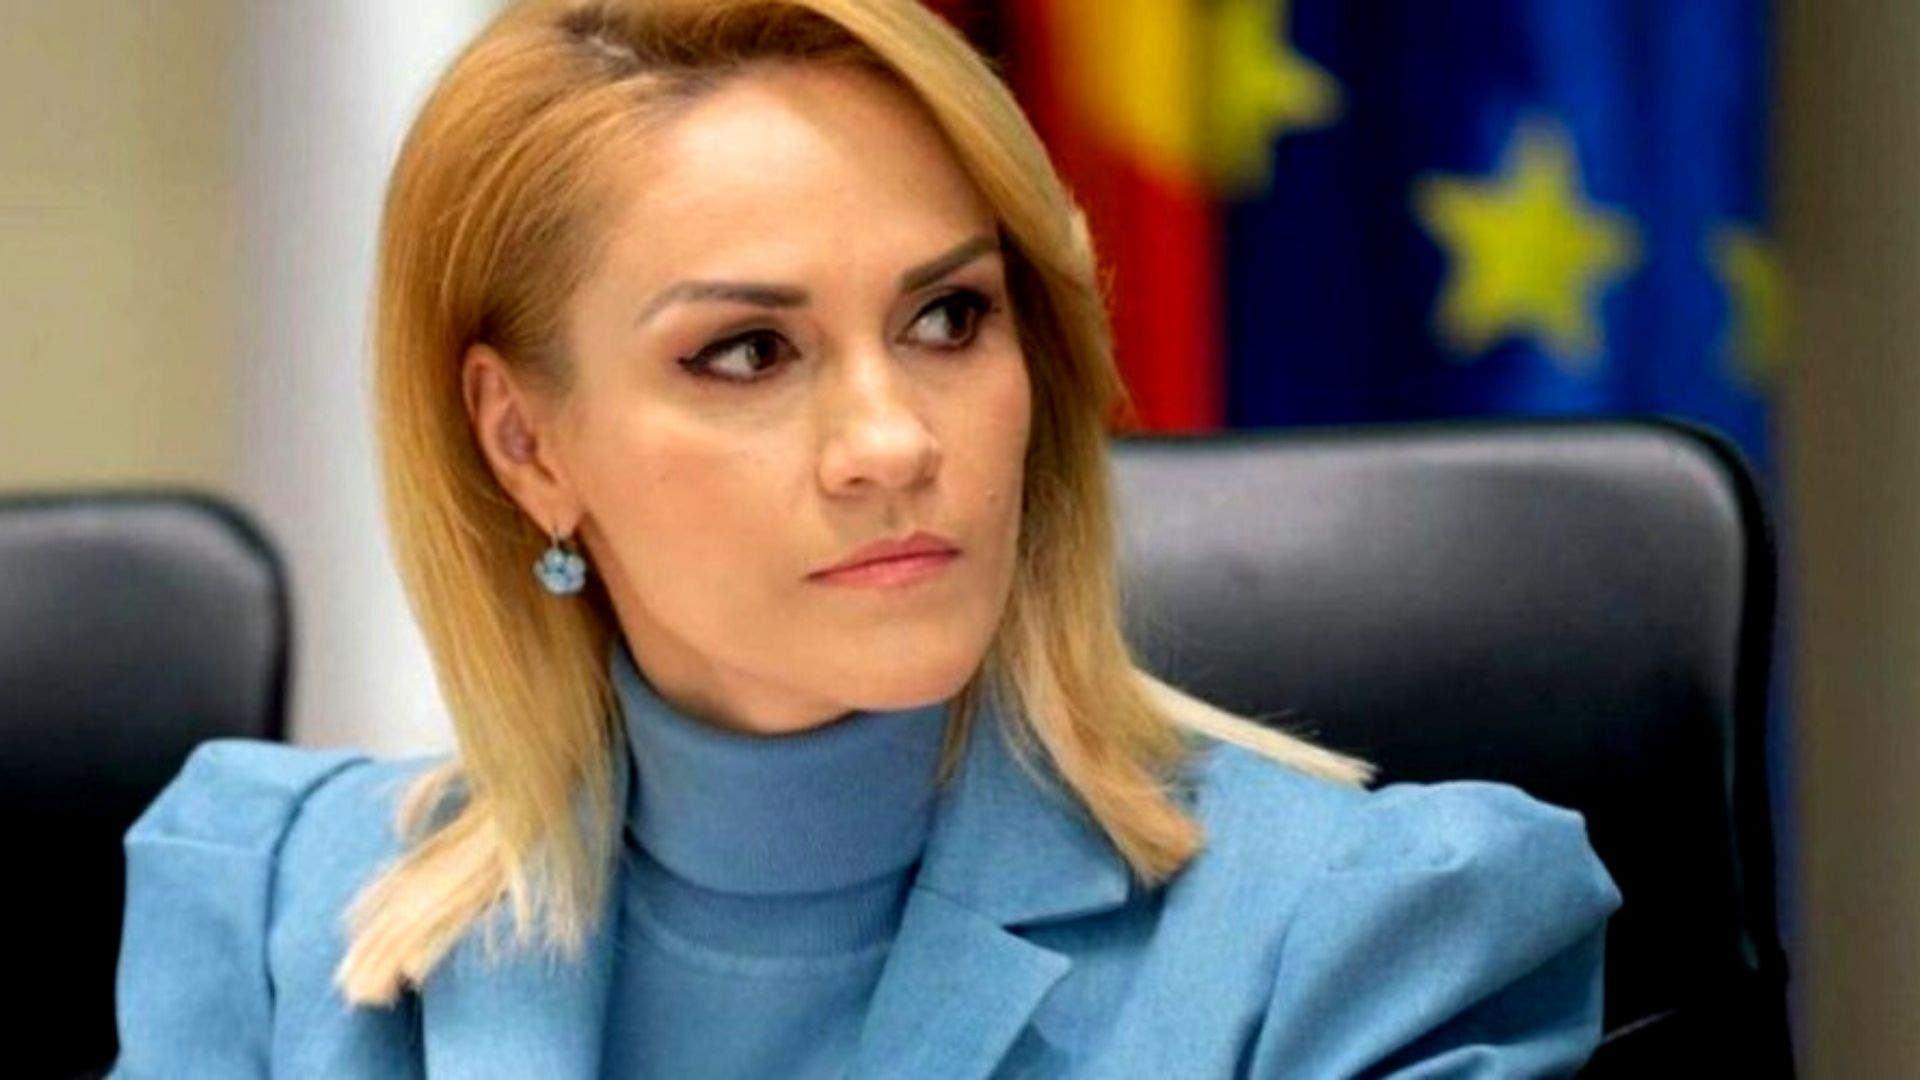 Primaria Municipiului Bucuresti anunță că are conturile blocate. Gabriela Firea: Suma datorată lui Costică Constanda reprezintă 20% din bugetul anual